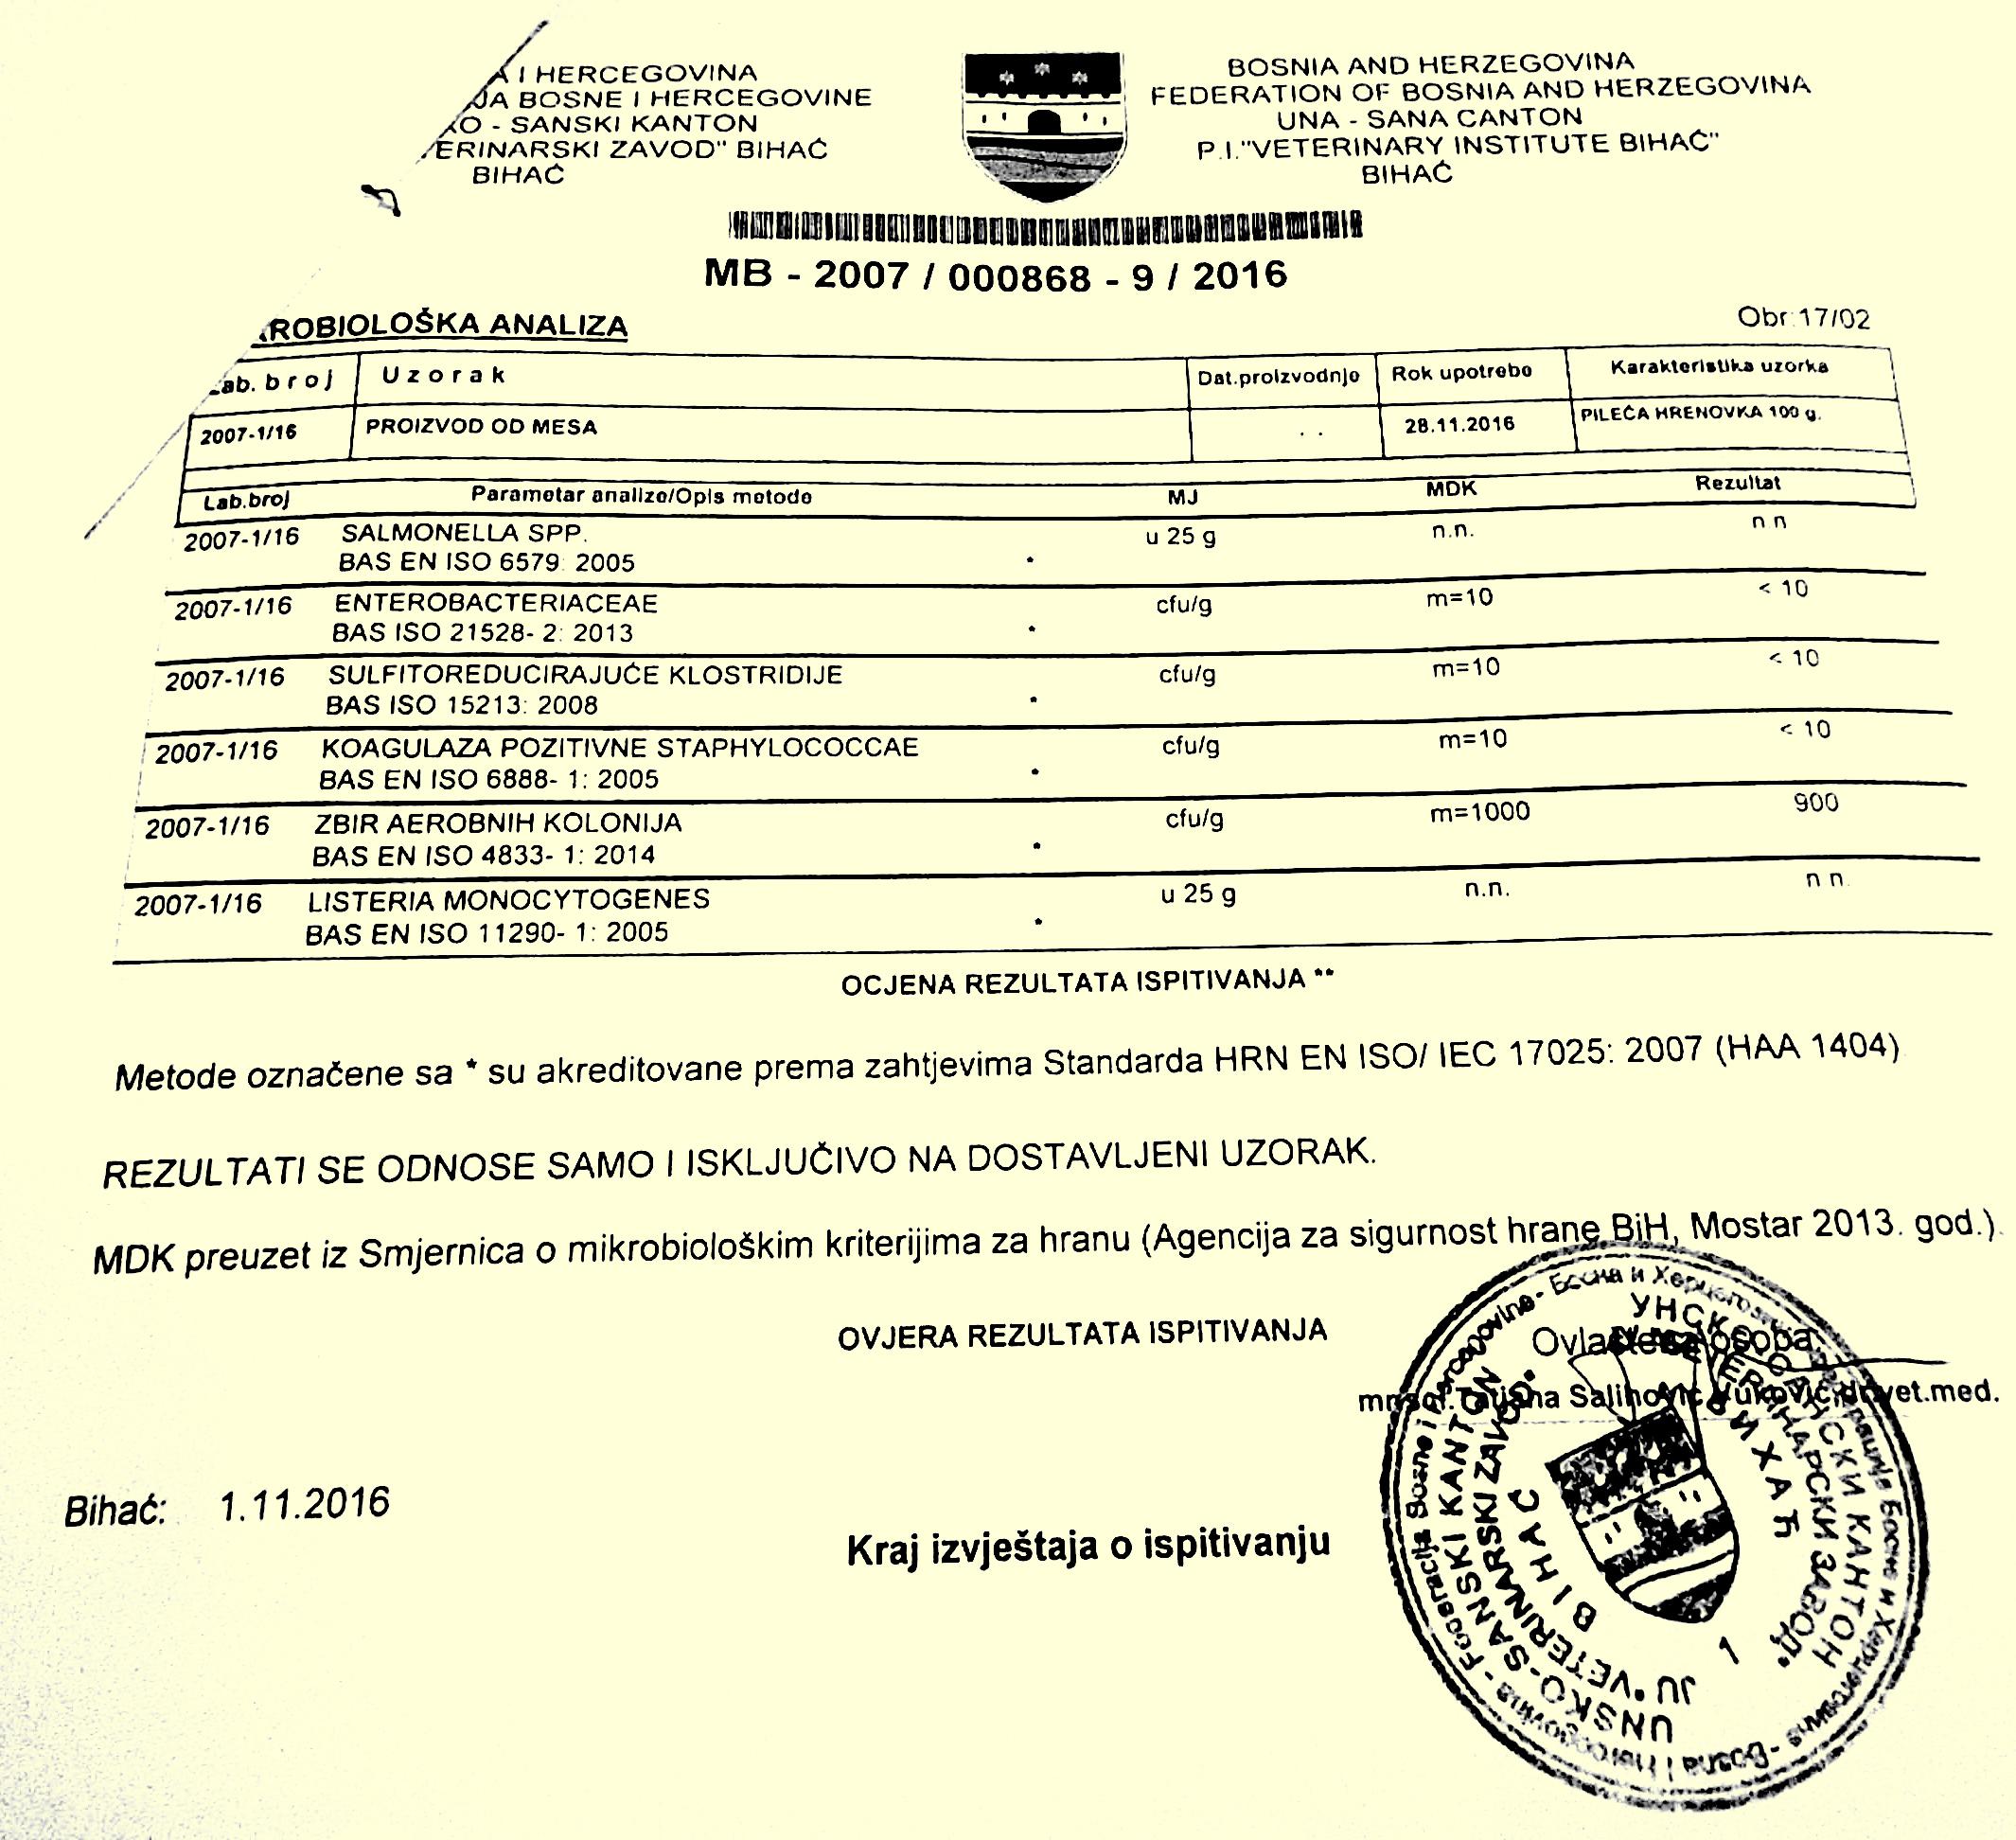 581e3a70-15c4-4bfe-80a1-64f20a0a0a64-04d04-05-hrenovke-1